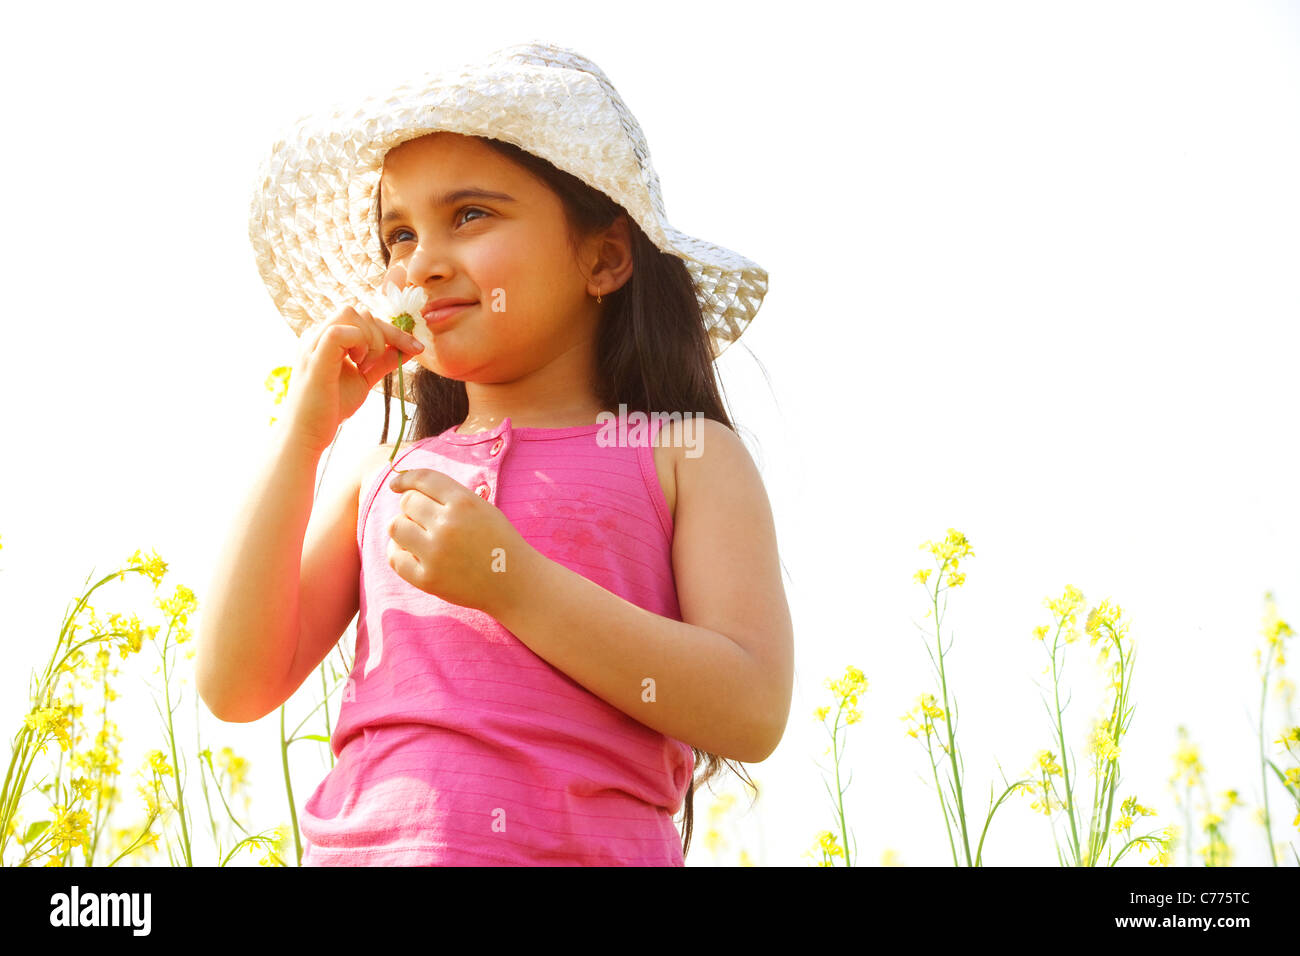 Ragazza giovane odorare un fiore Immagini Stock